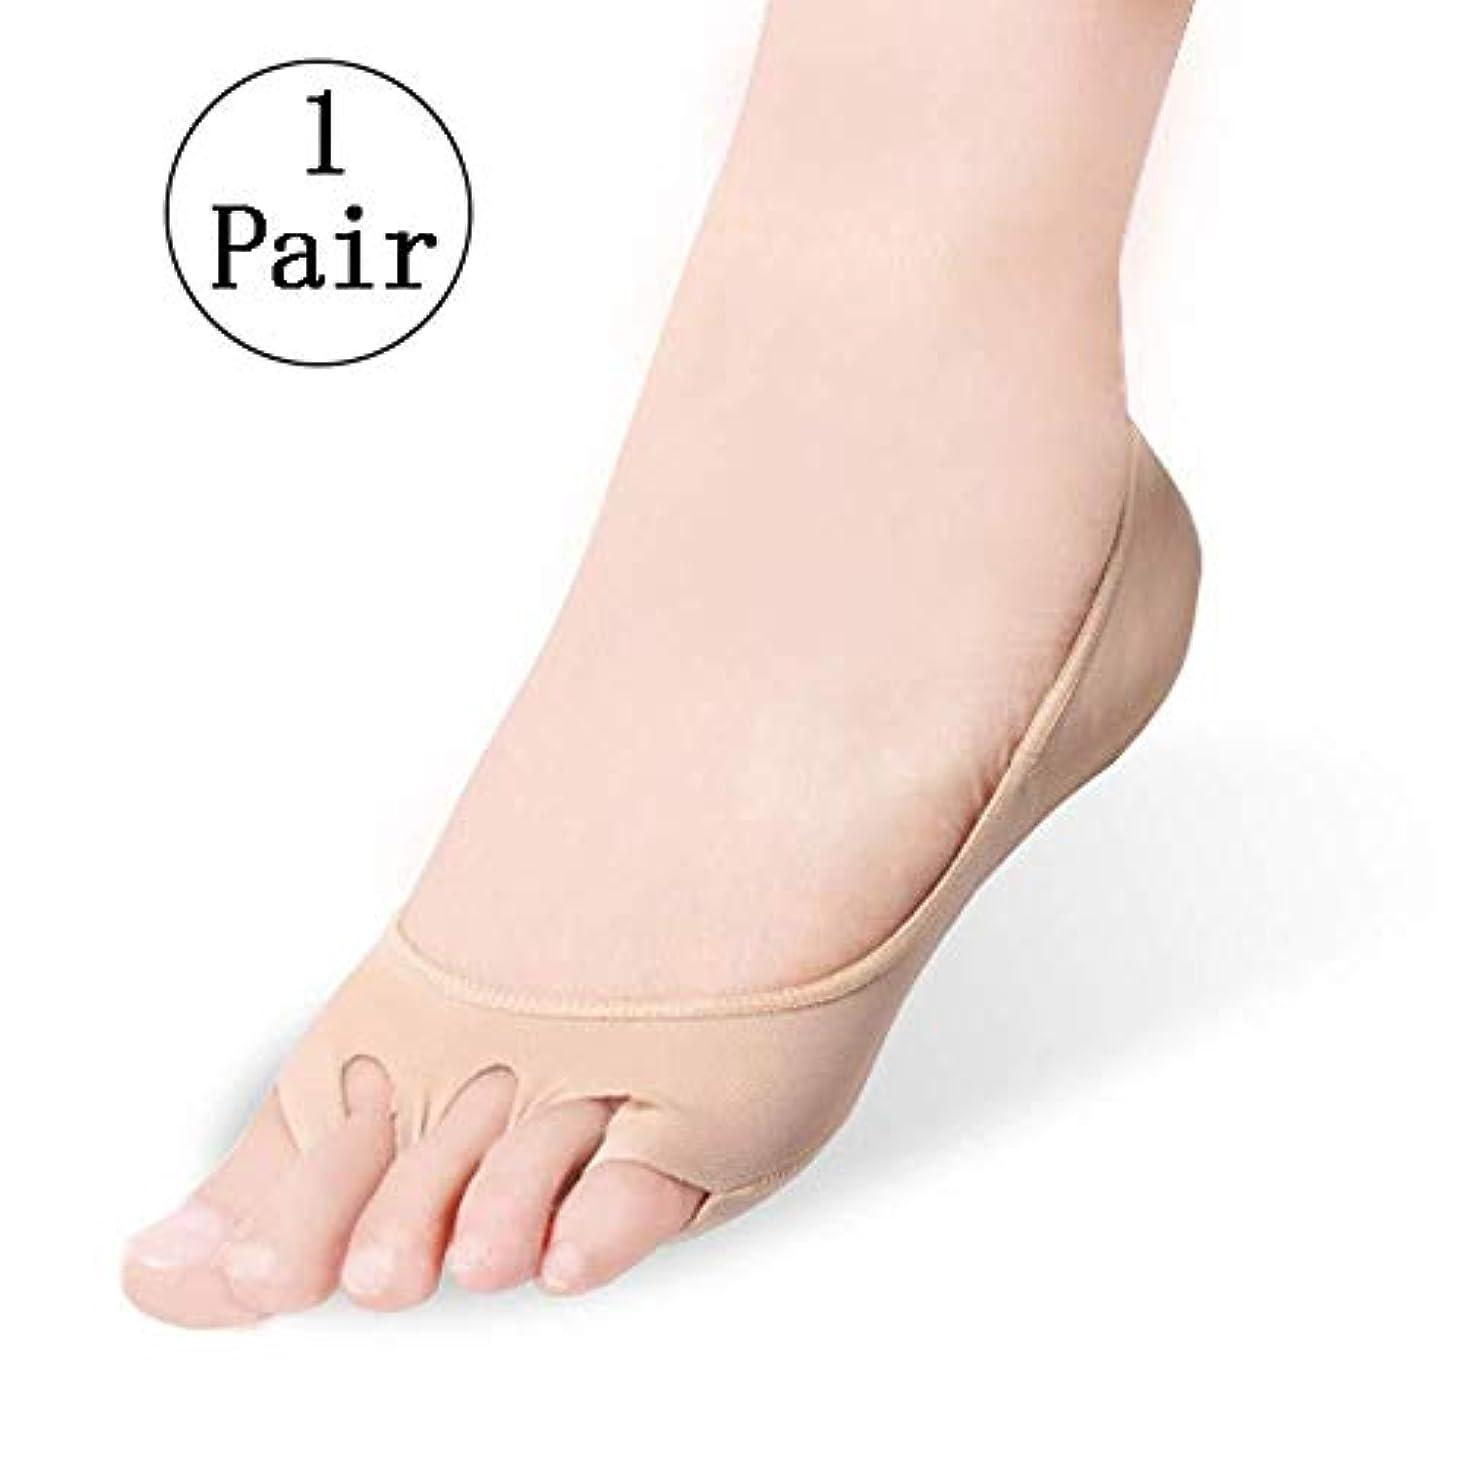 値下げ追加仕方つま先セパレーター、快適で通気性、伸縮性に優れ、腱膜痛、外反母hall、足の親指の調整を緩和